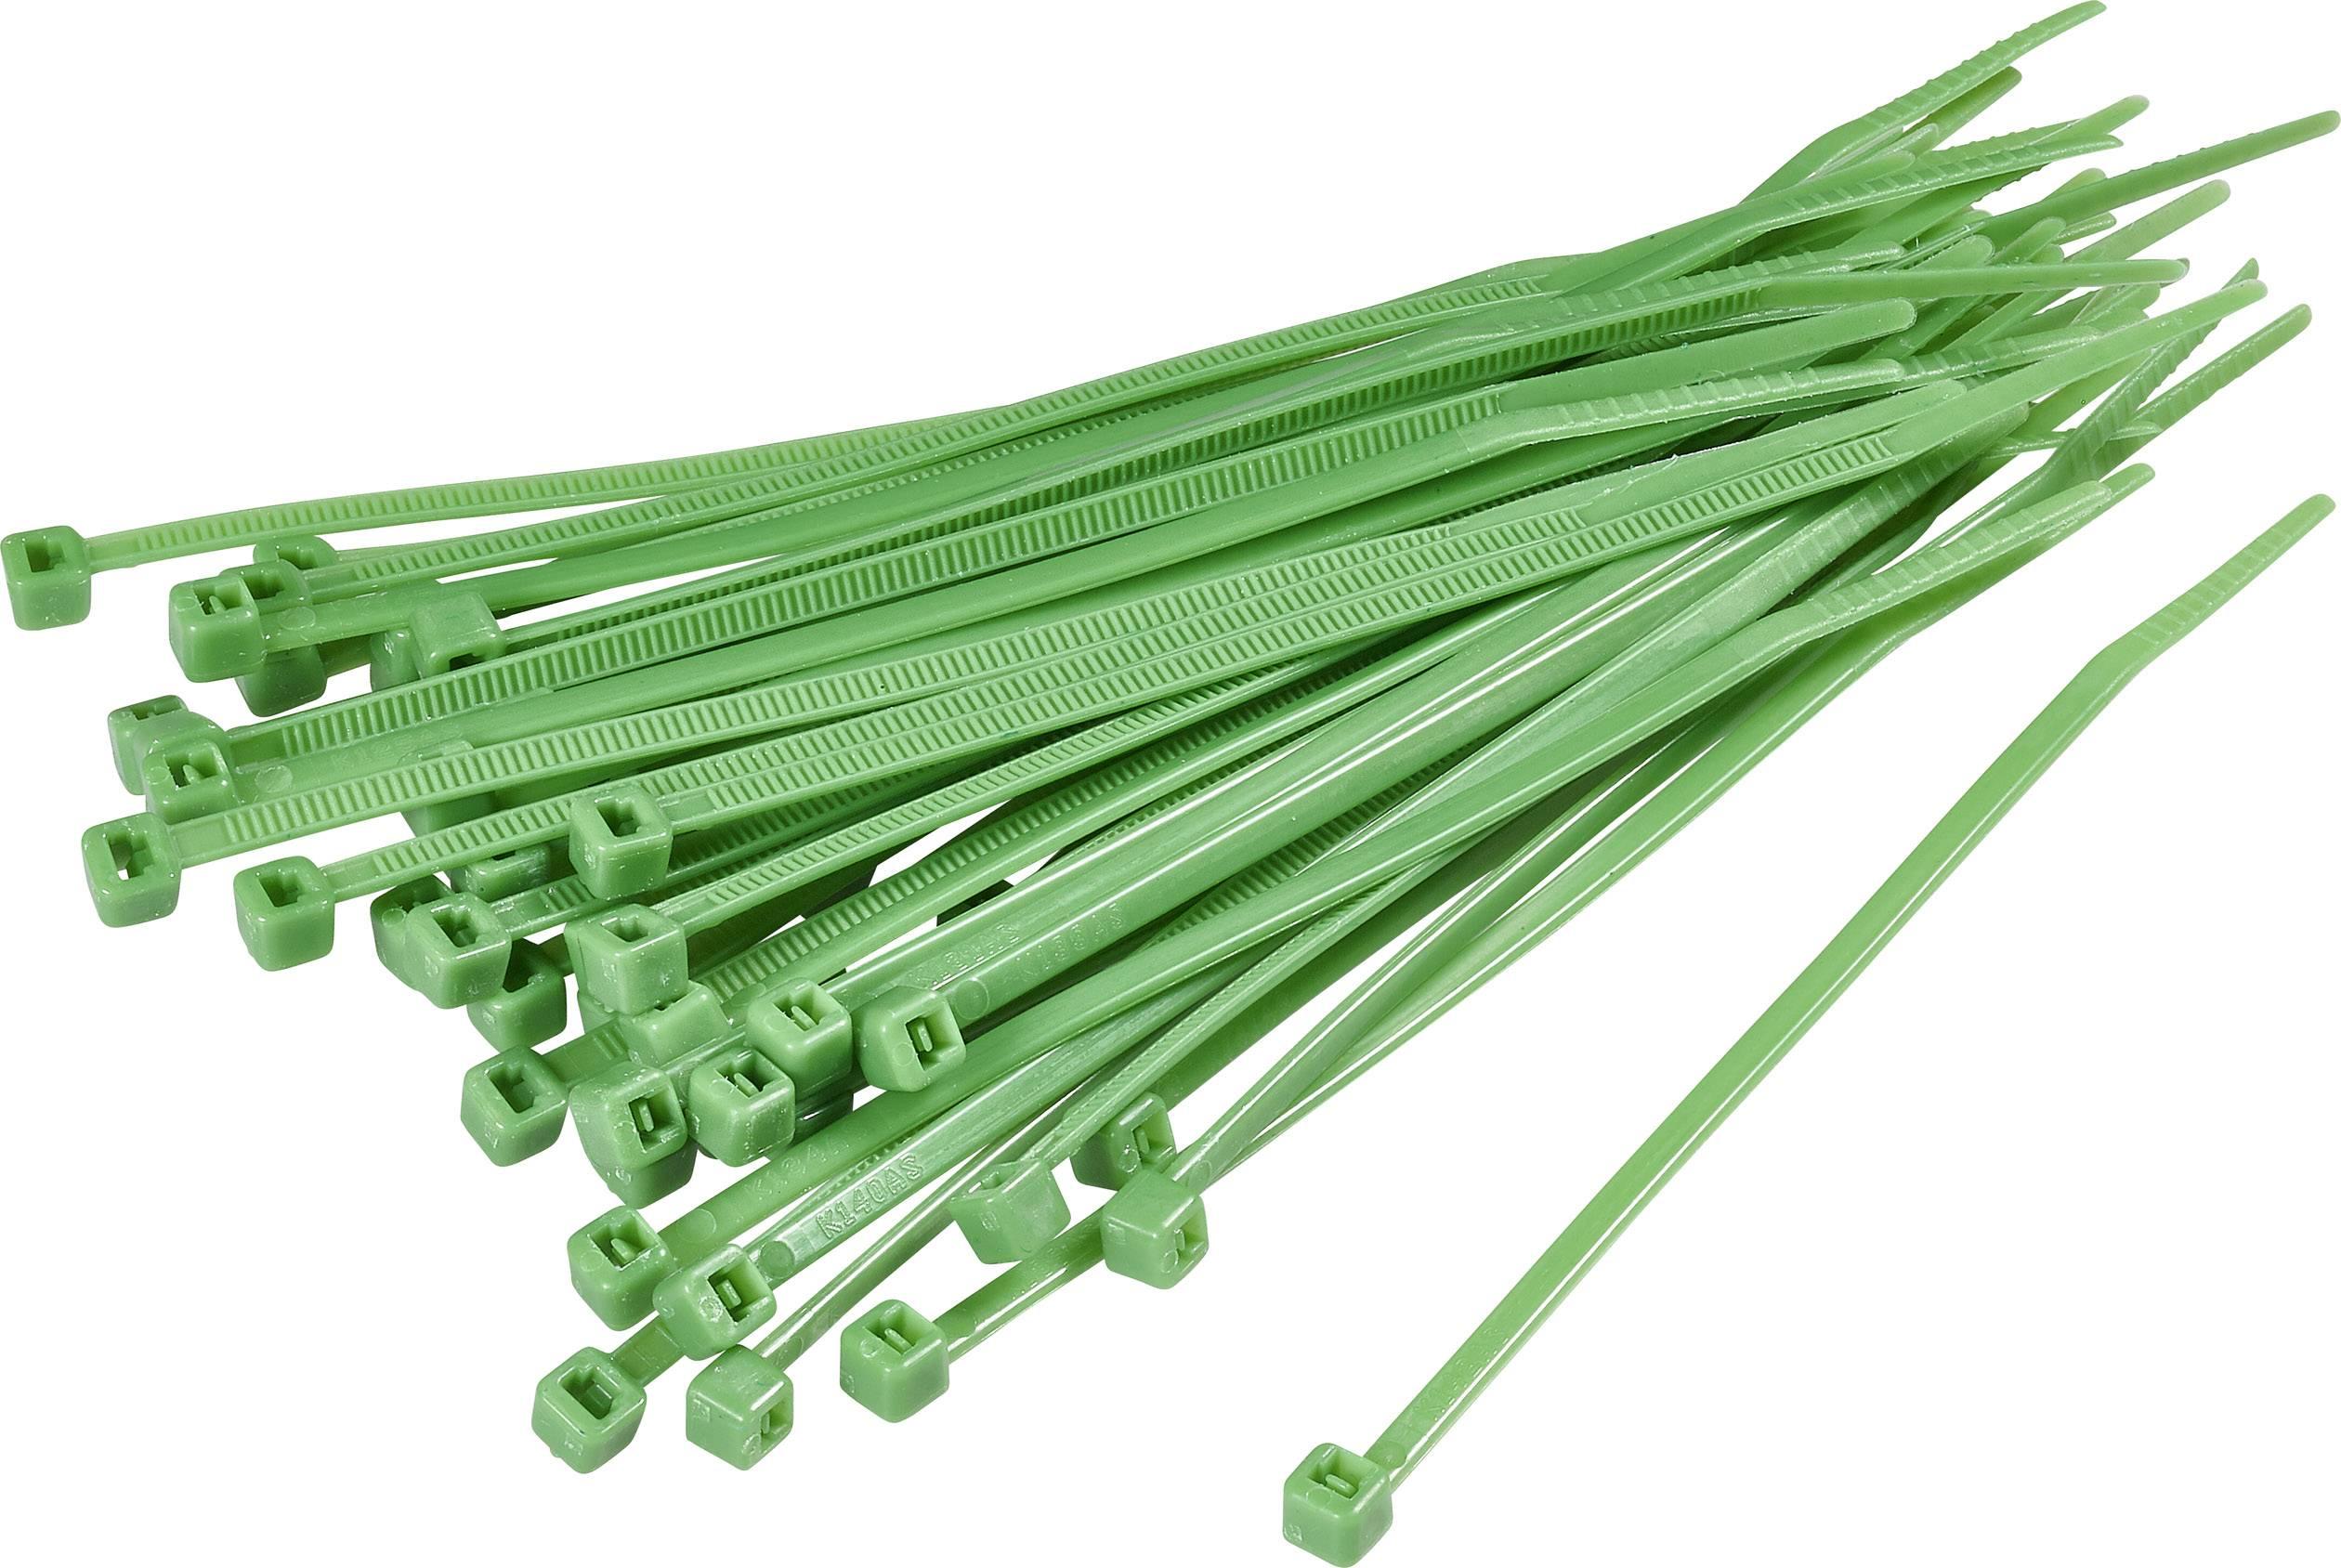 Sťahovacie pásky KSS CV200M 1369083, 203 mm, zelená, 100 ks